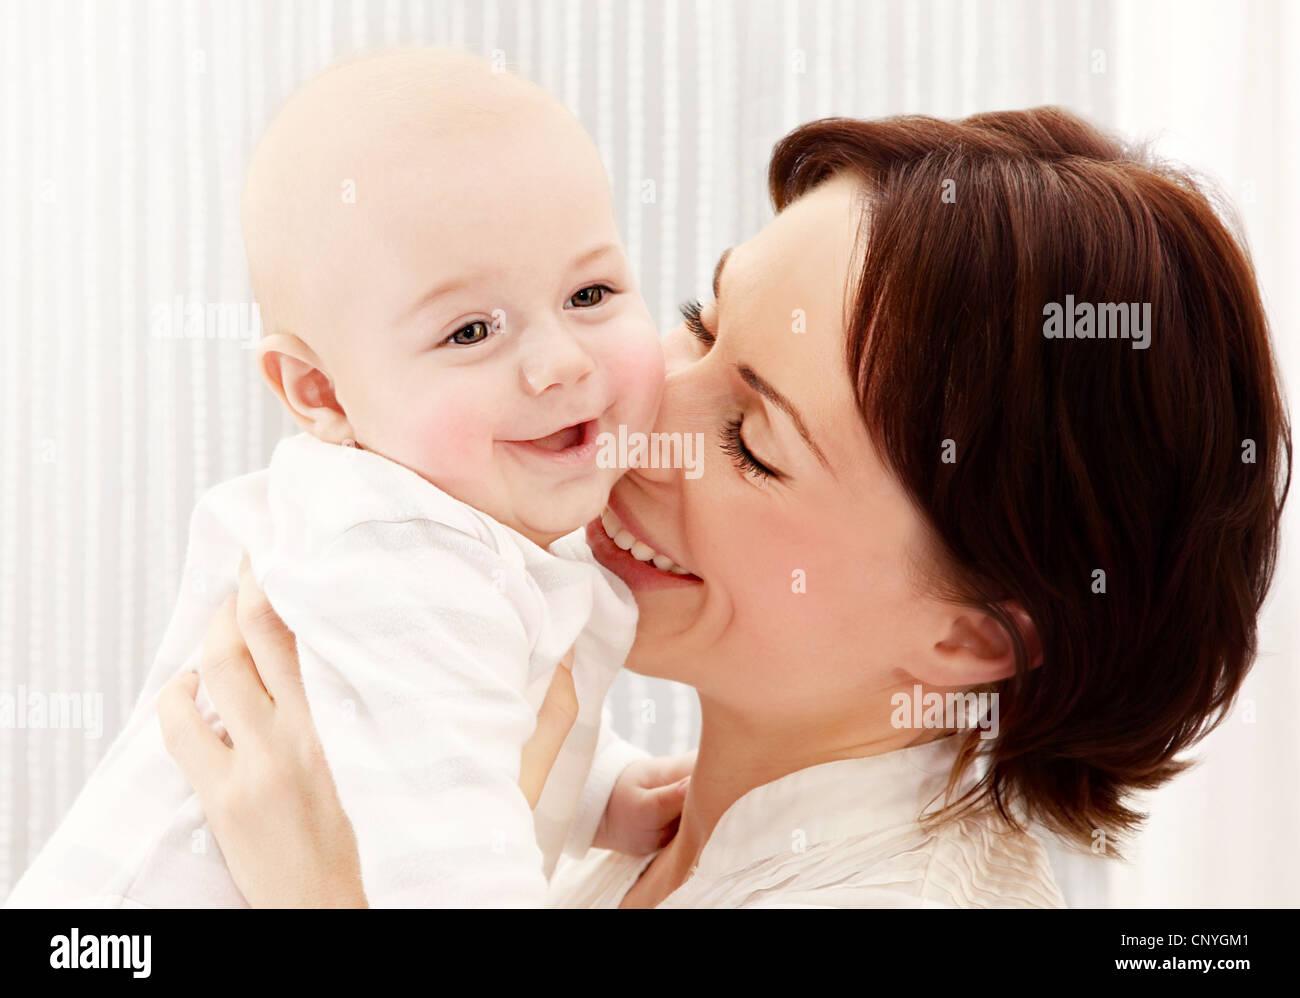 Feliz joven madre sosteniendo un Baby Boy, jugando riendo divirtiéndose, concepto de familia saludable Imagen De Stock